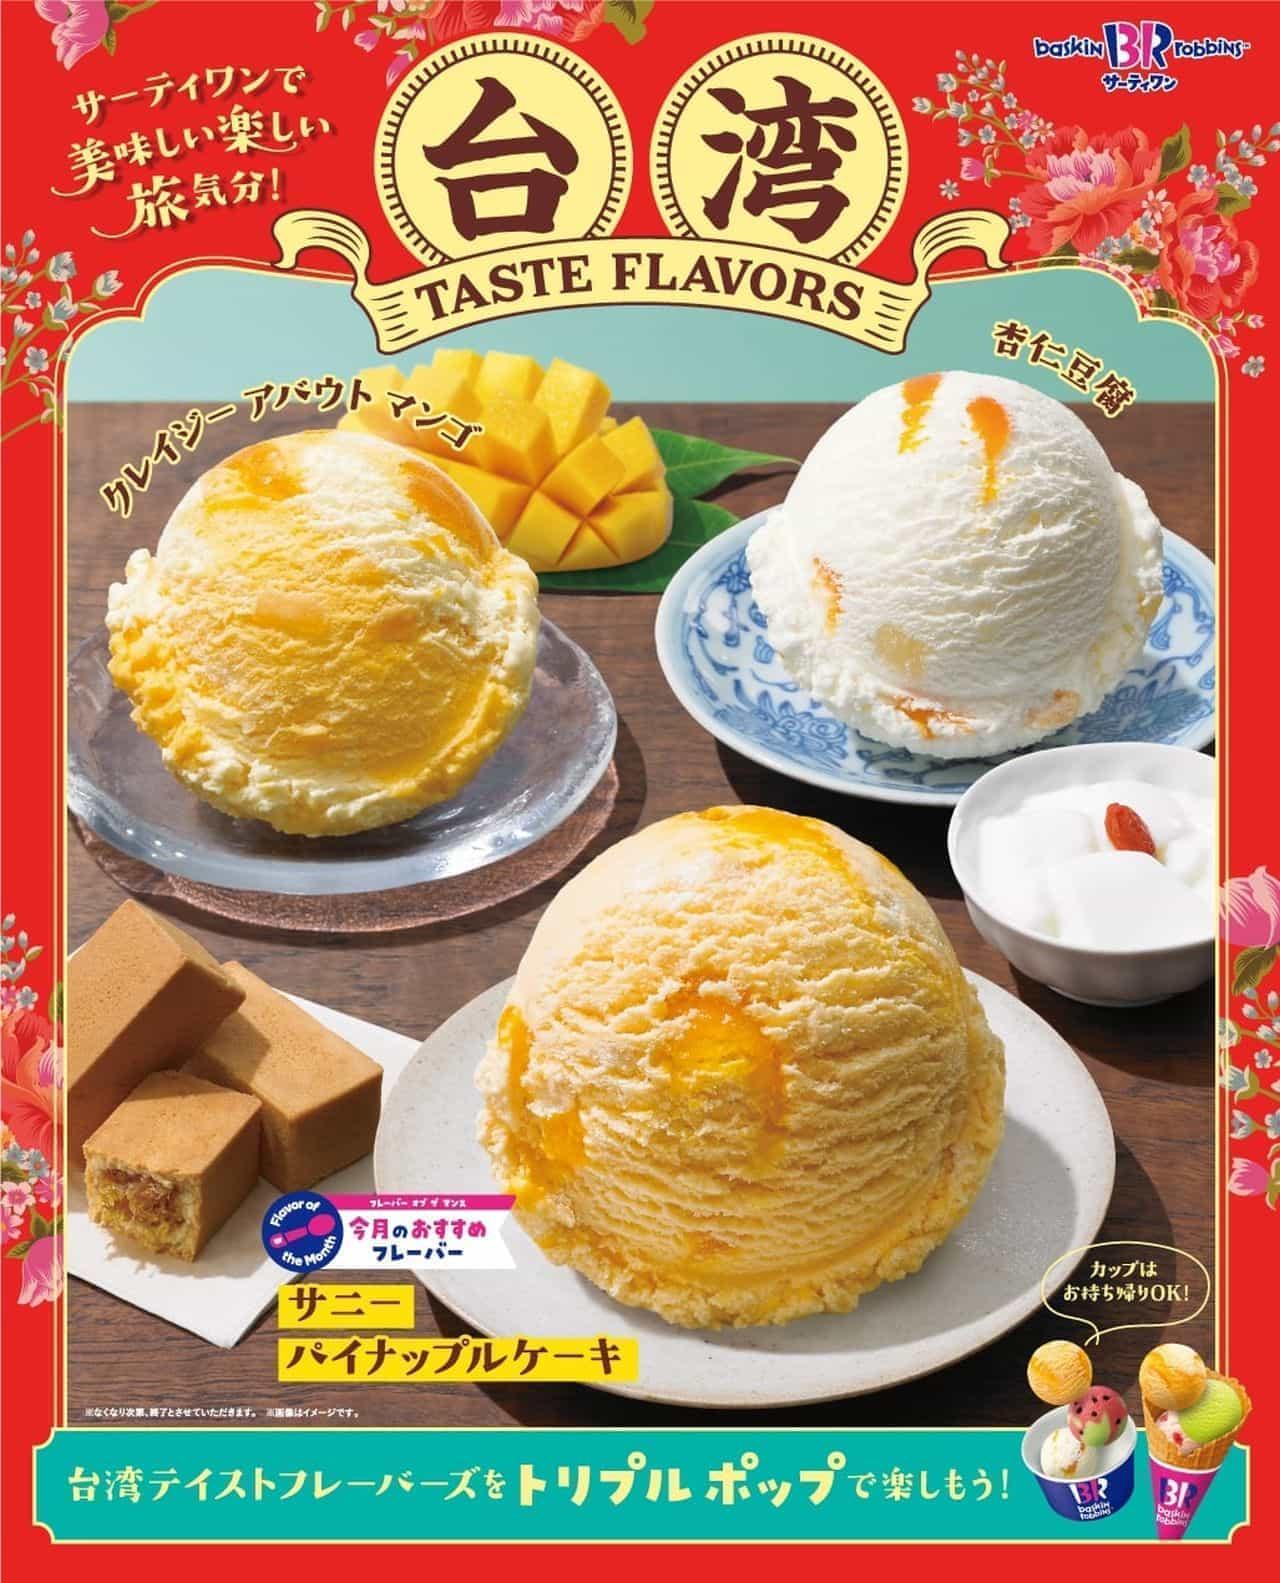 サーティワン アイスクリーム「サニーパイナップルケーキ」「クレイジー アバウト マンゴ」「杏仁豆腐」